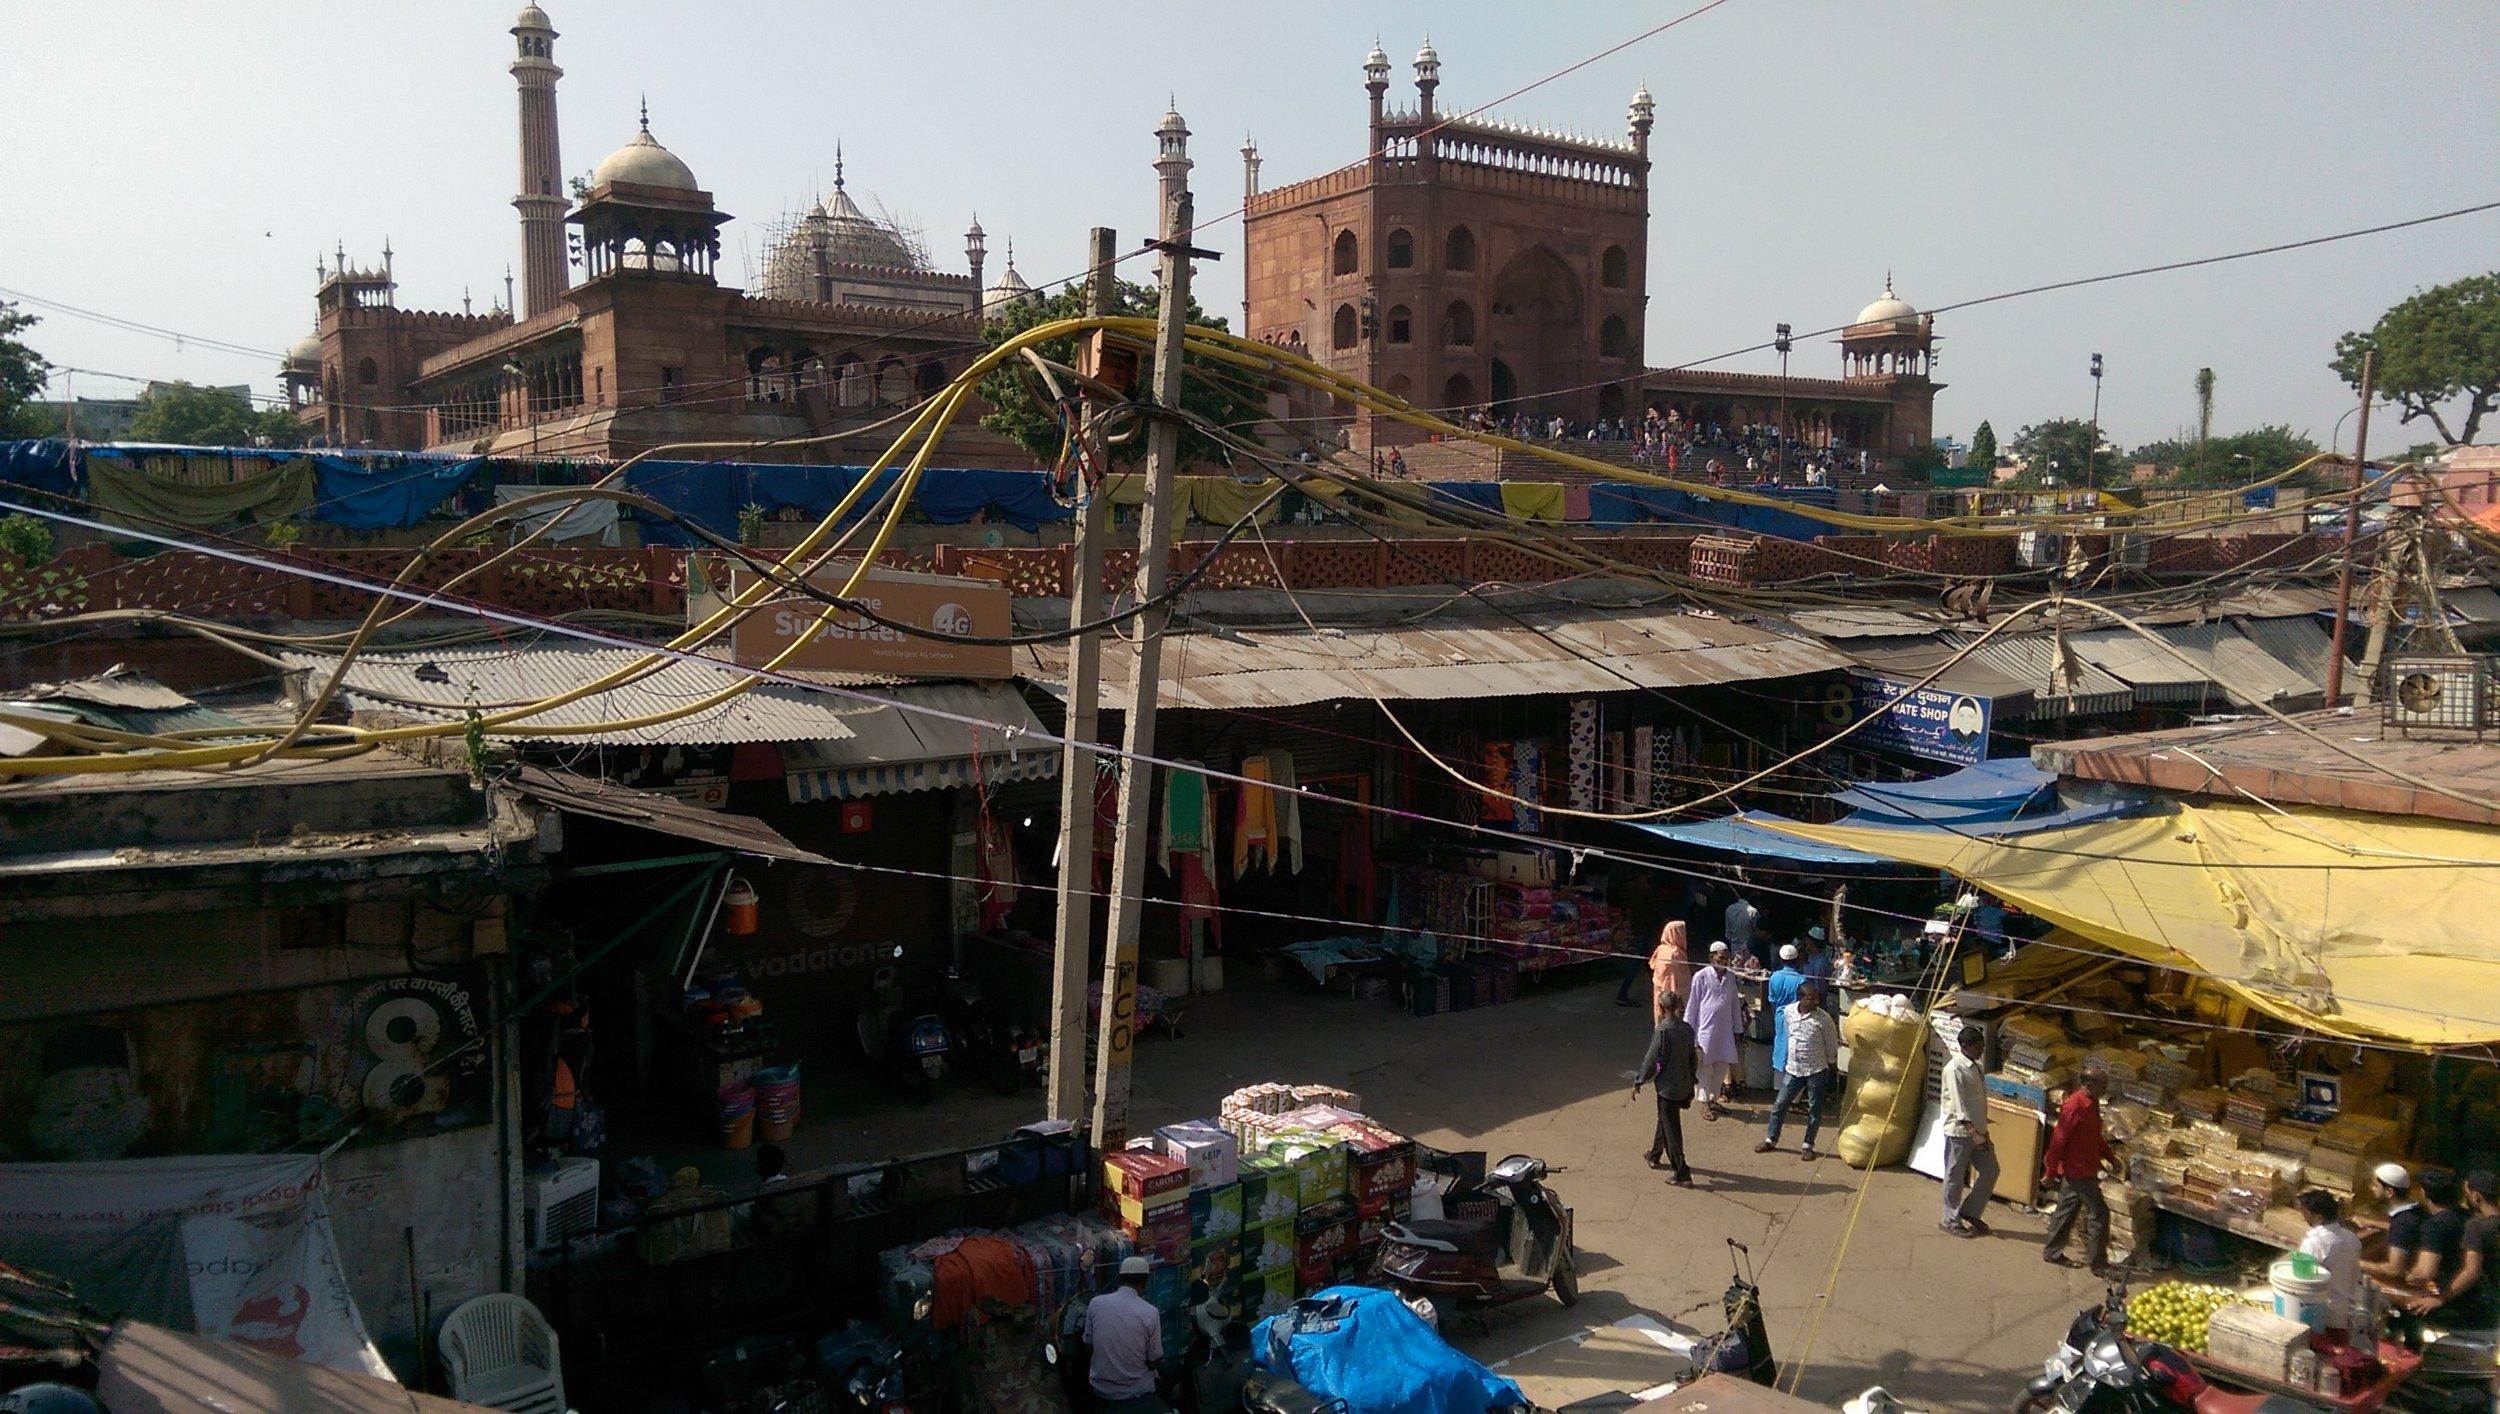 Jama Masjid - Old Delhi